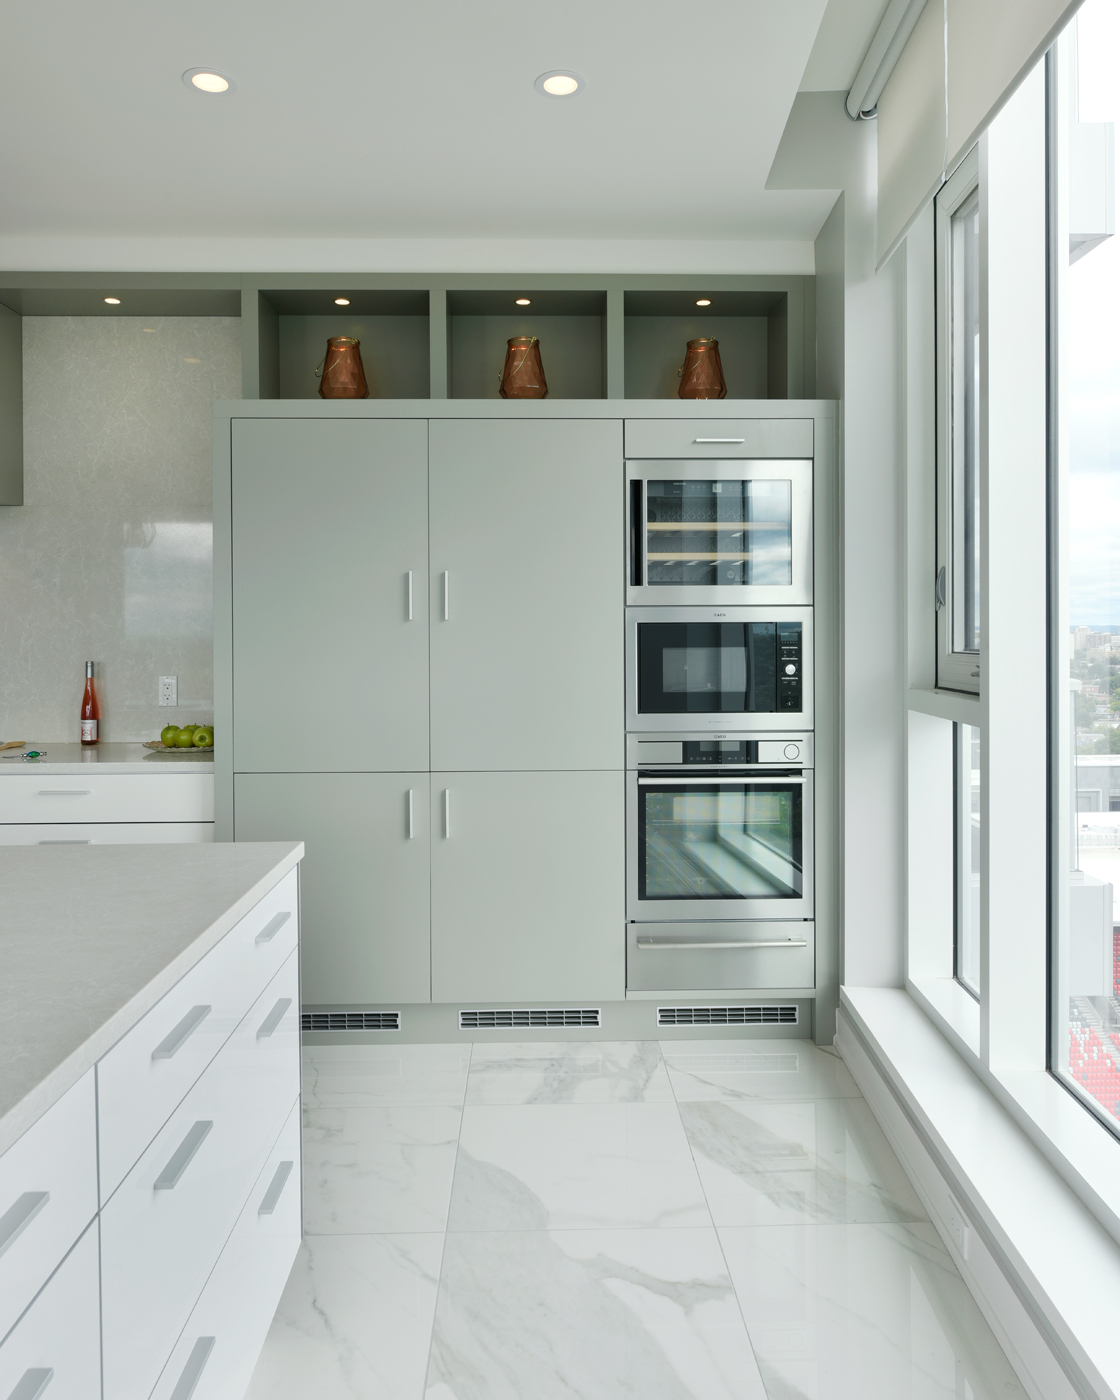 Kitchen Built-in Refrigerator